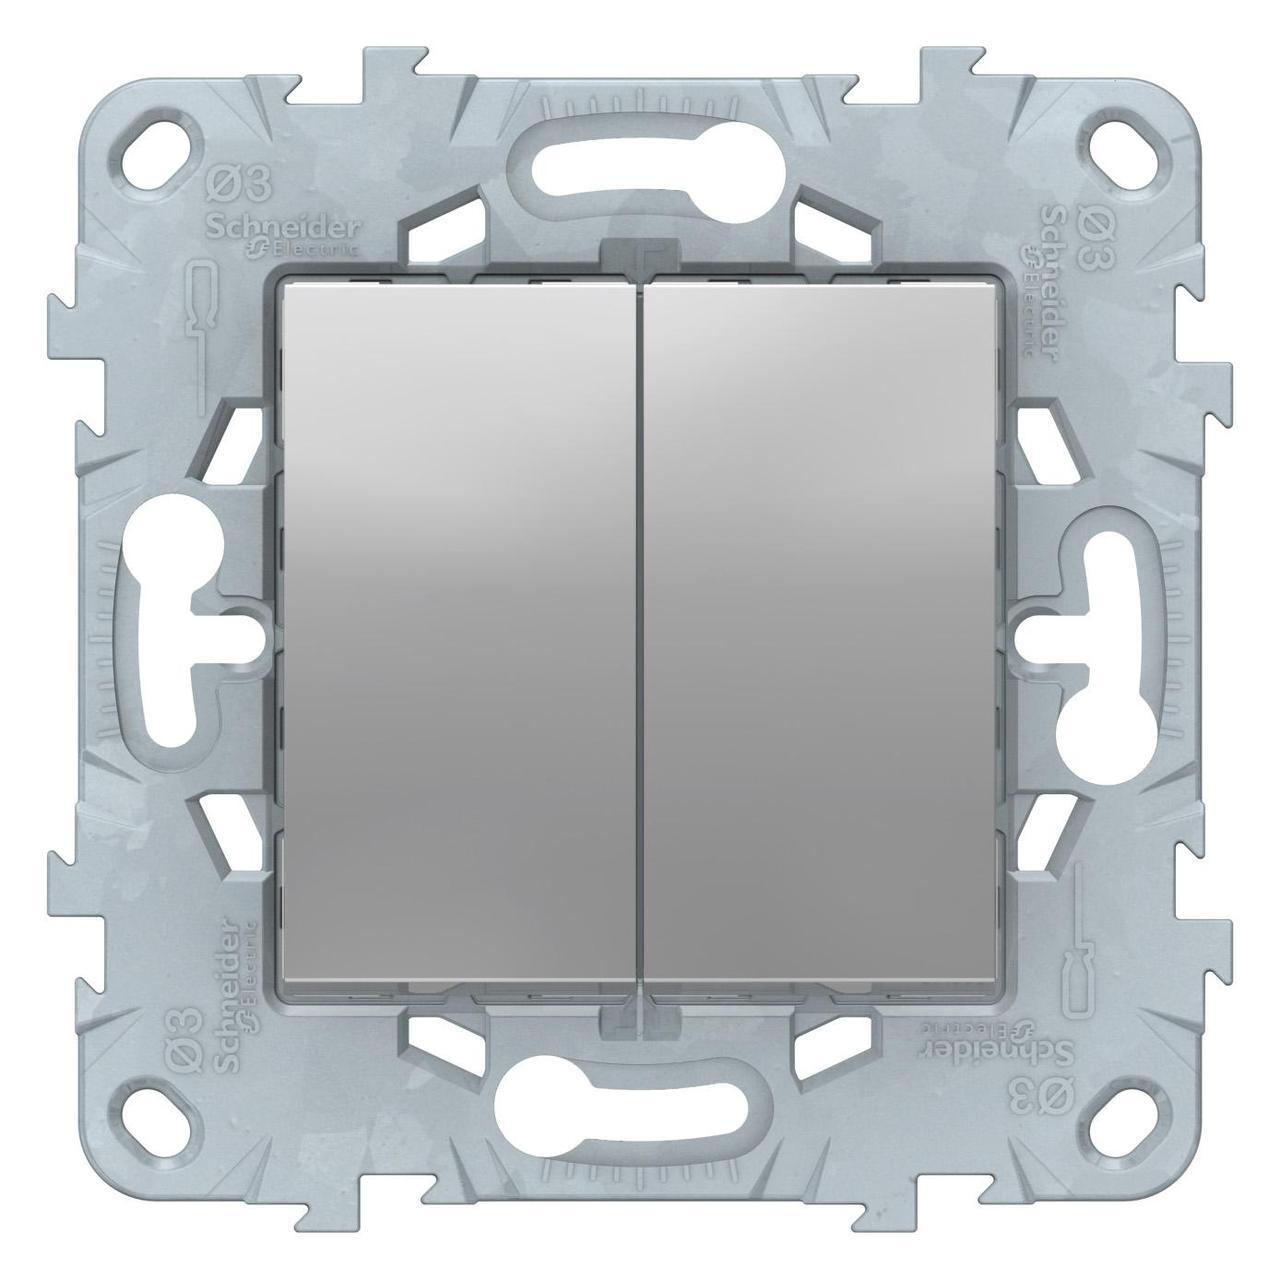 Выключатель 2-клавишный, перекрестный (с трех мест , Алюминий, серия Unica New, Schneider Electric